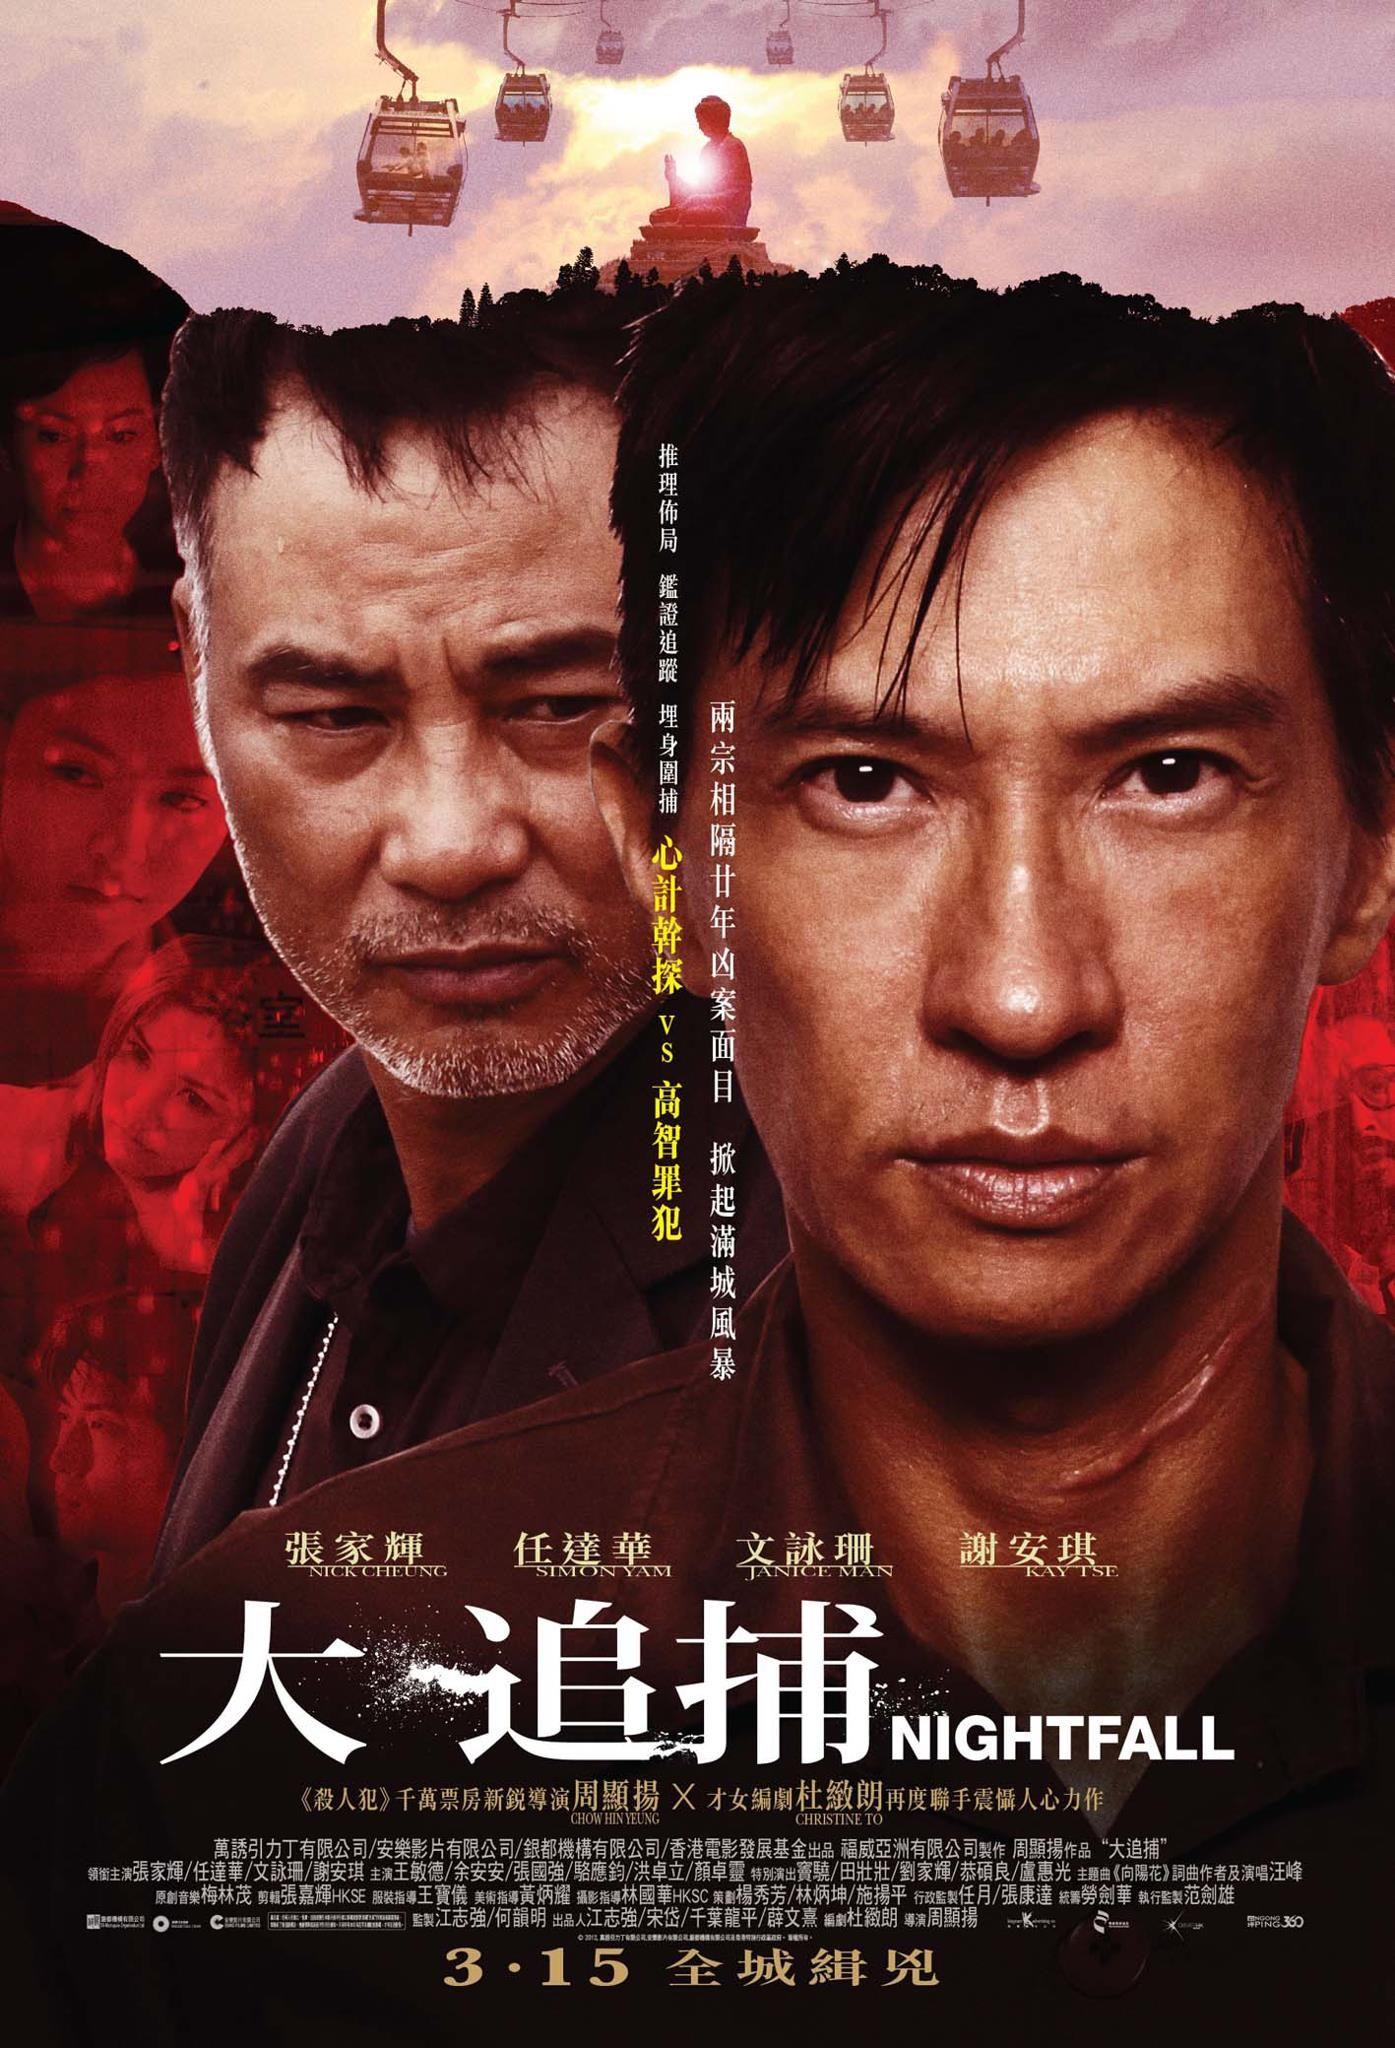 大追捕 night fall hong kong movie great movies night